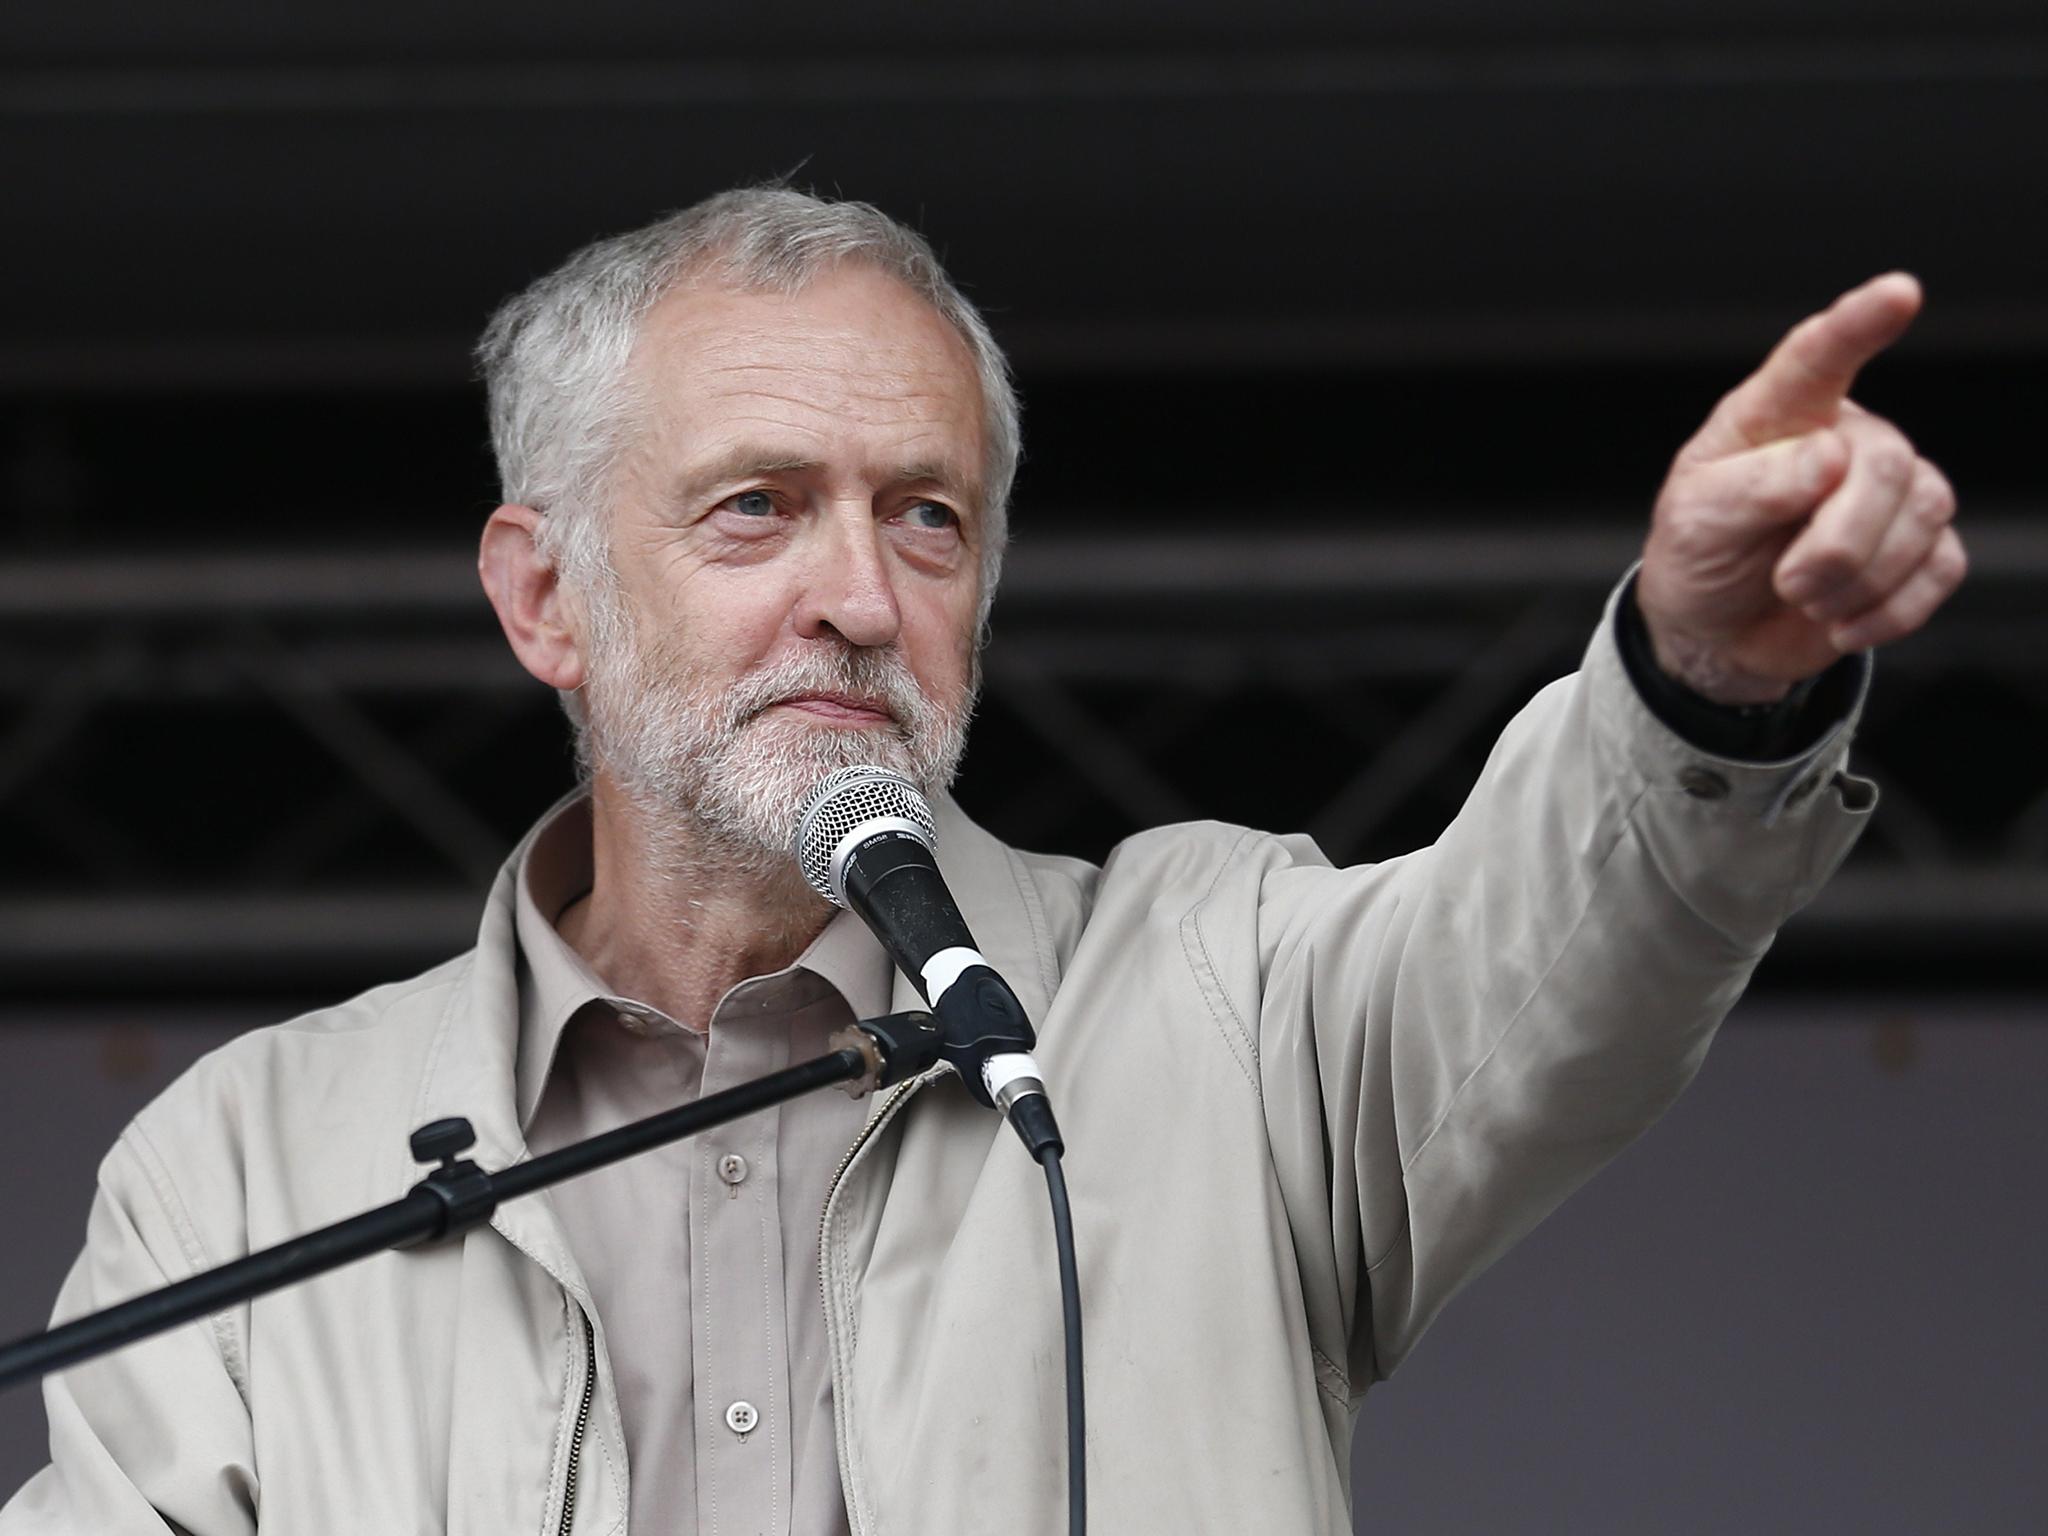 JEREMY CORBYN LABOUR LEADERSHIP CAMPAIGN SOCIALIST HOODIE SWEATSHIRT JUMPER